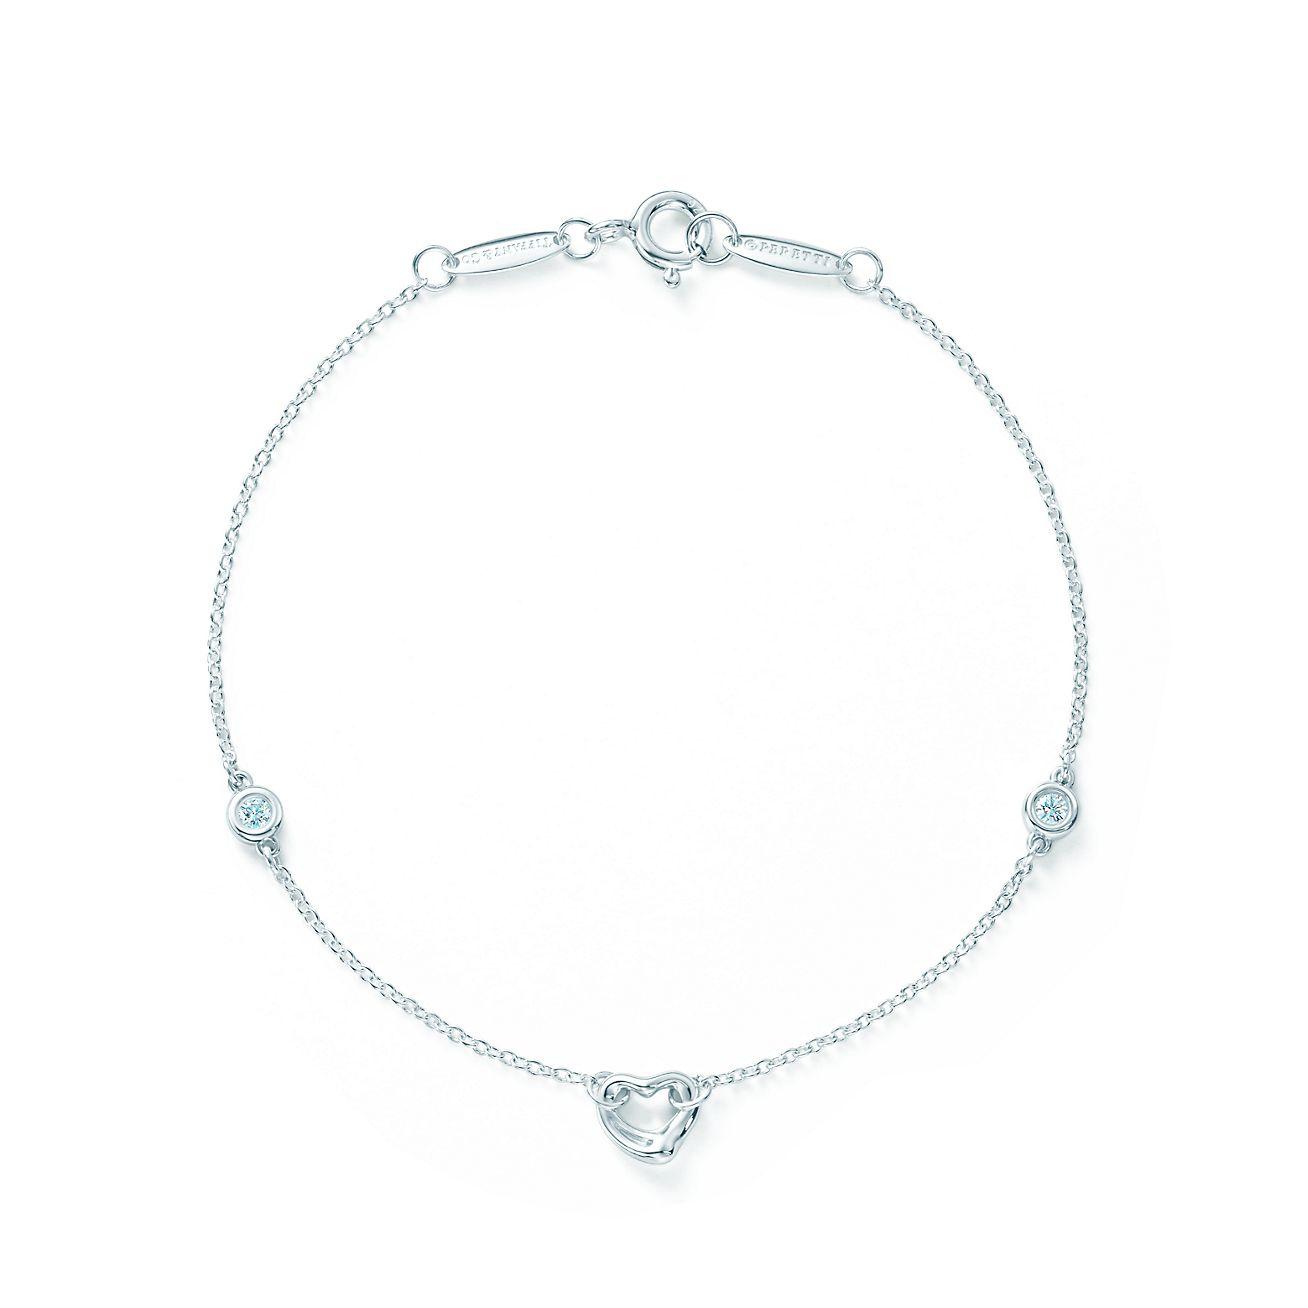 Elsa Peretti Diamonds By The Yard Open Heart Bracelet